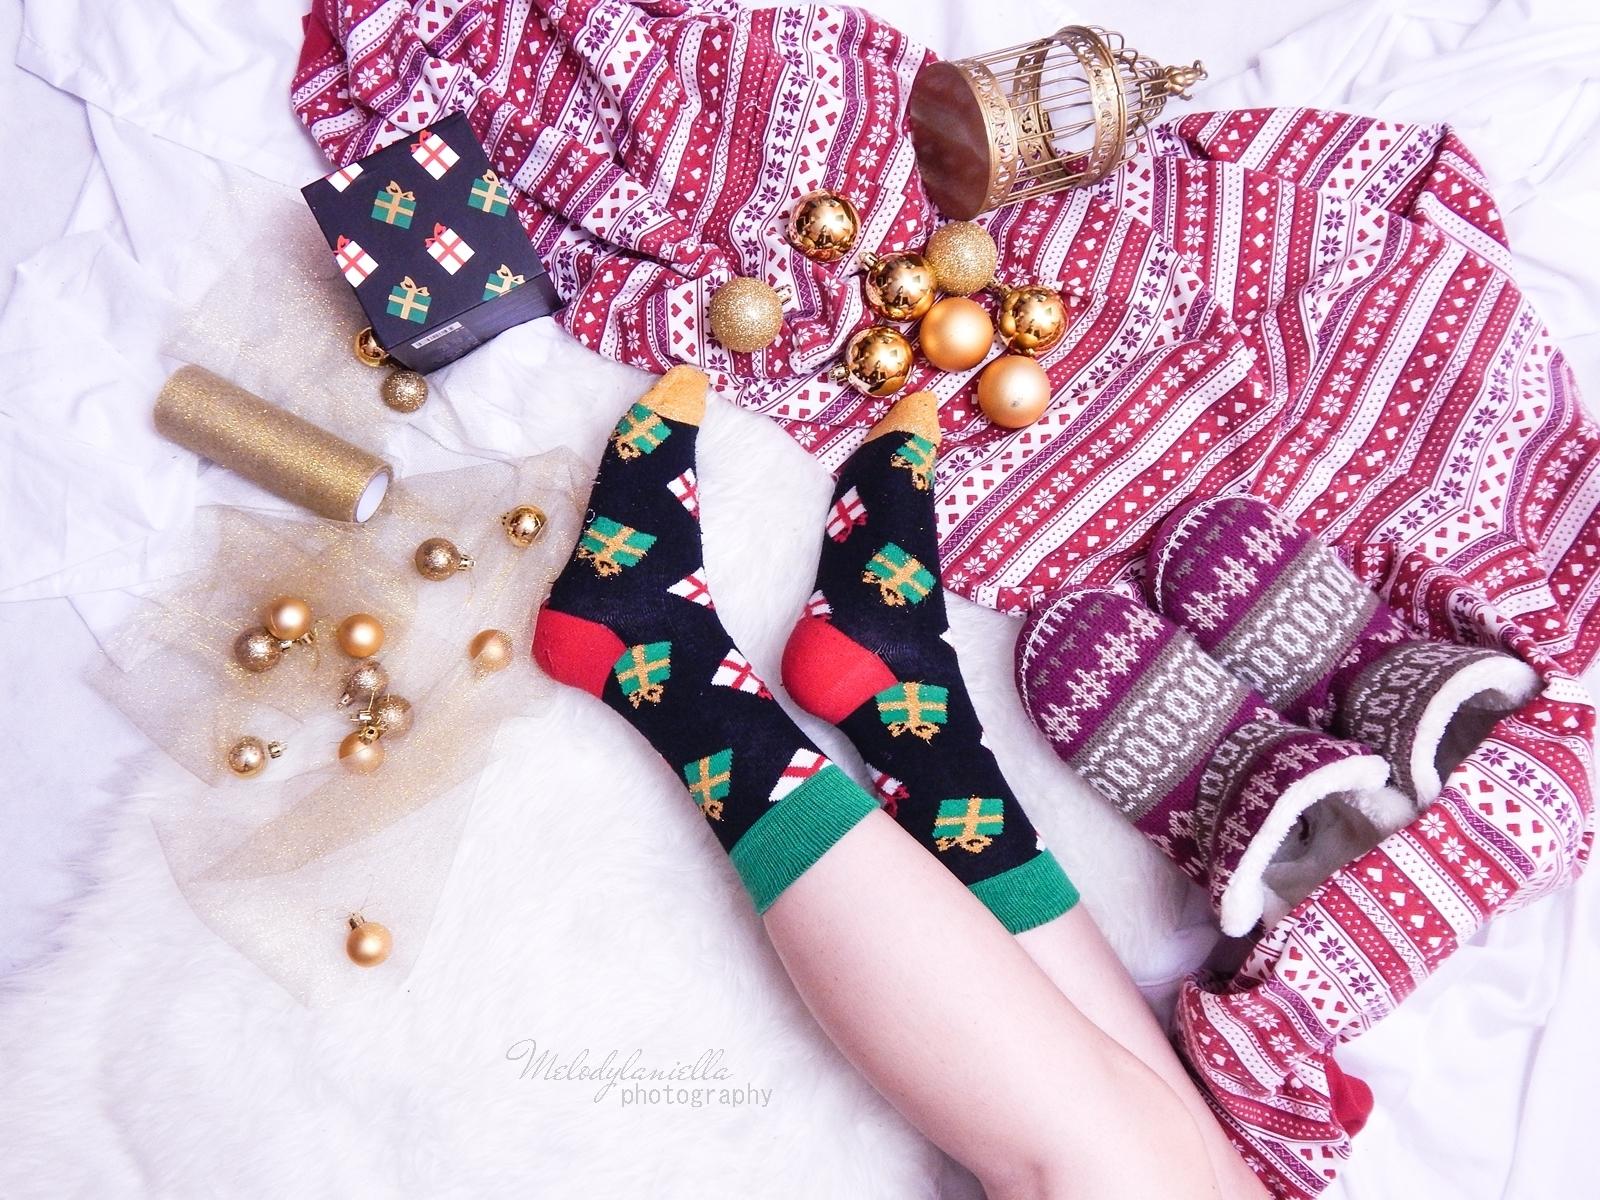 8 HappySocks Happy Socks Sweden ciekawe kolorowe skarpetki melodylaniella pomysły na prezent ciekawe dodatki do stylizacji skarpety we wzory wzorki skarpetki dla chłopaka skarpetki dla dziewczyny moda